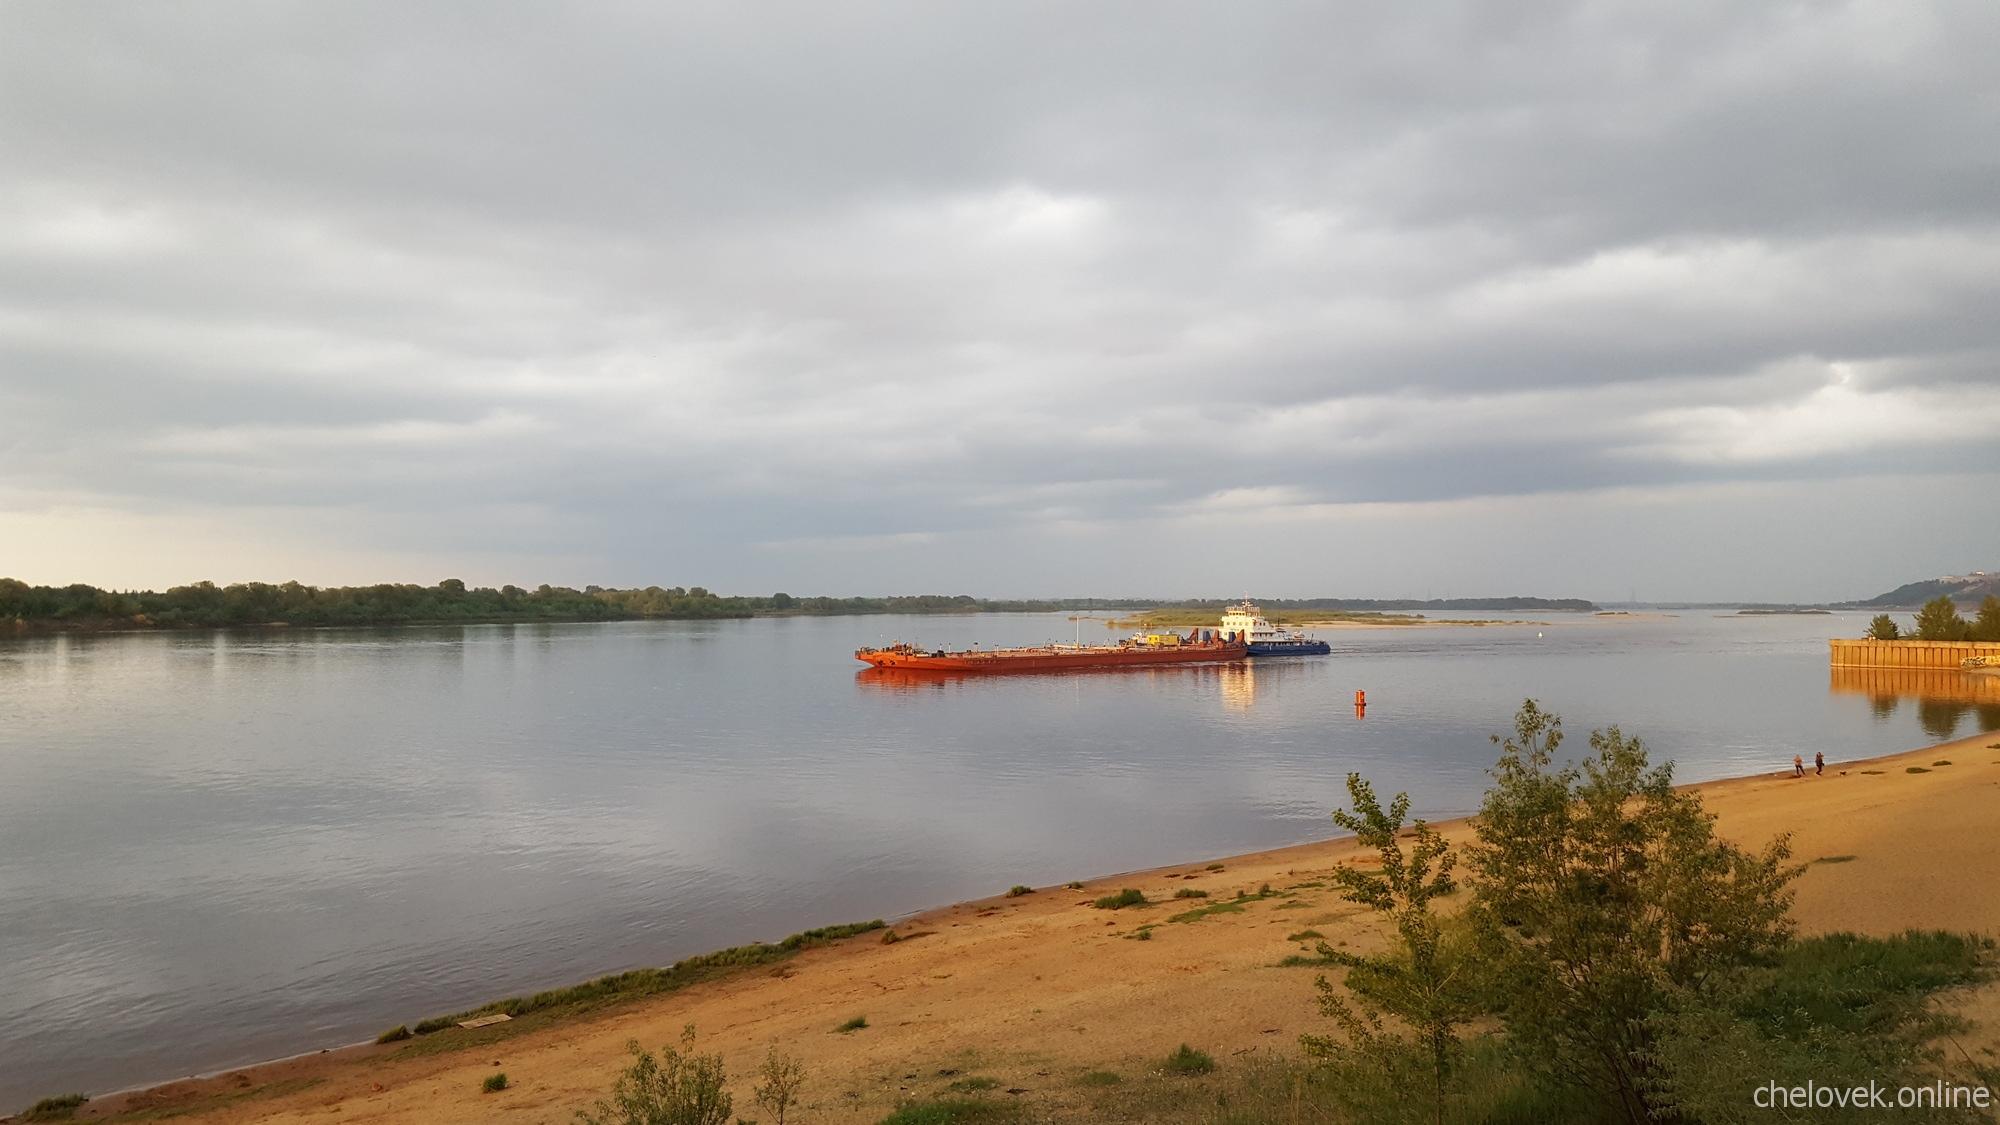 Баржа плывёт по реке Волга близ Борского моста, Нижний Новгород